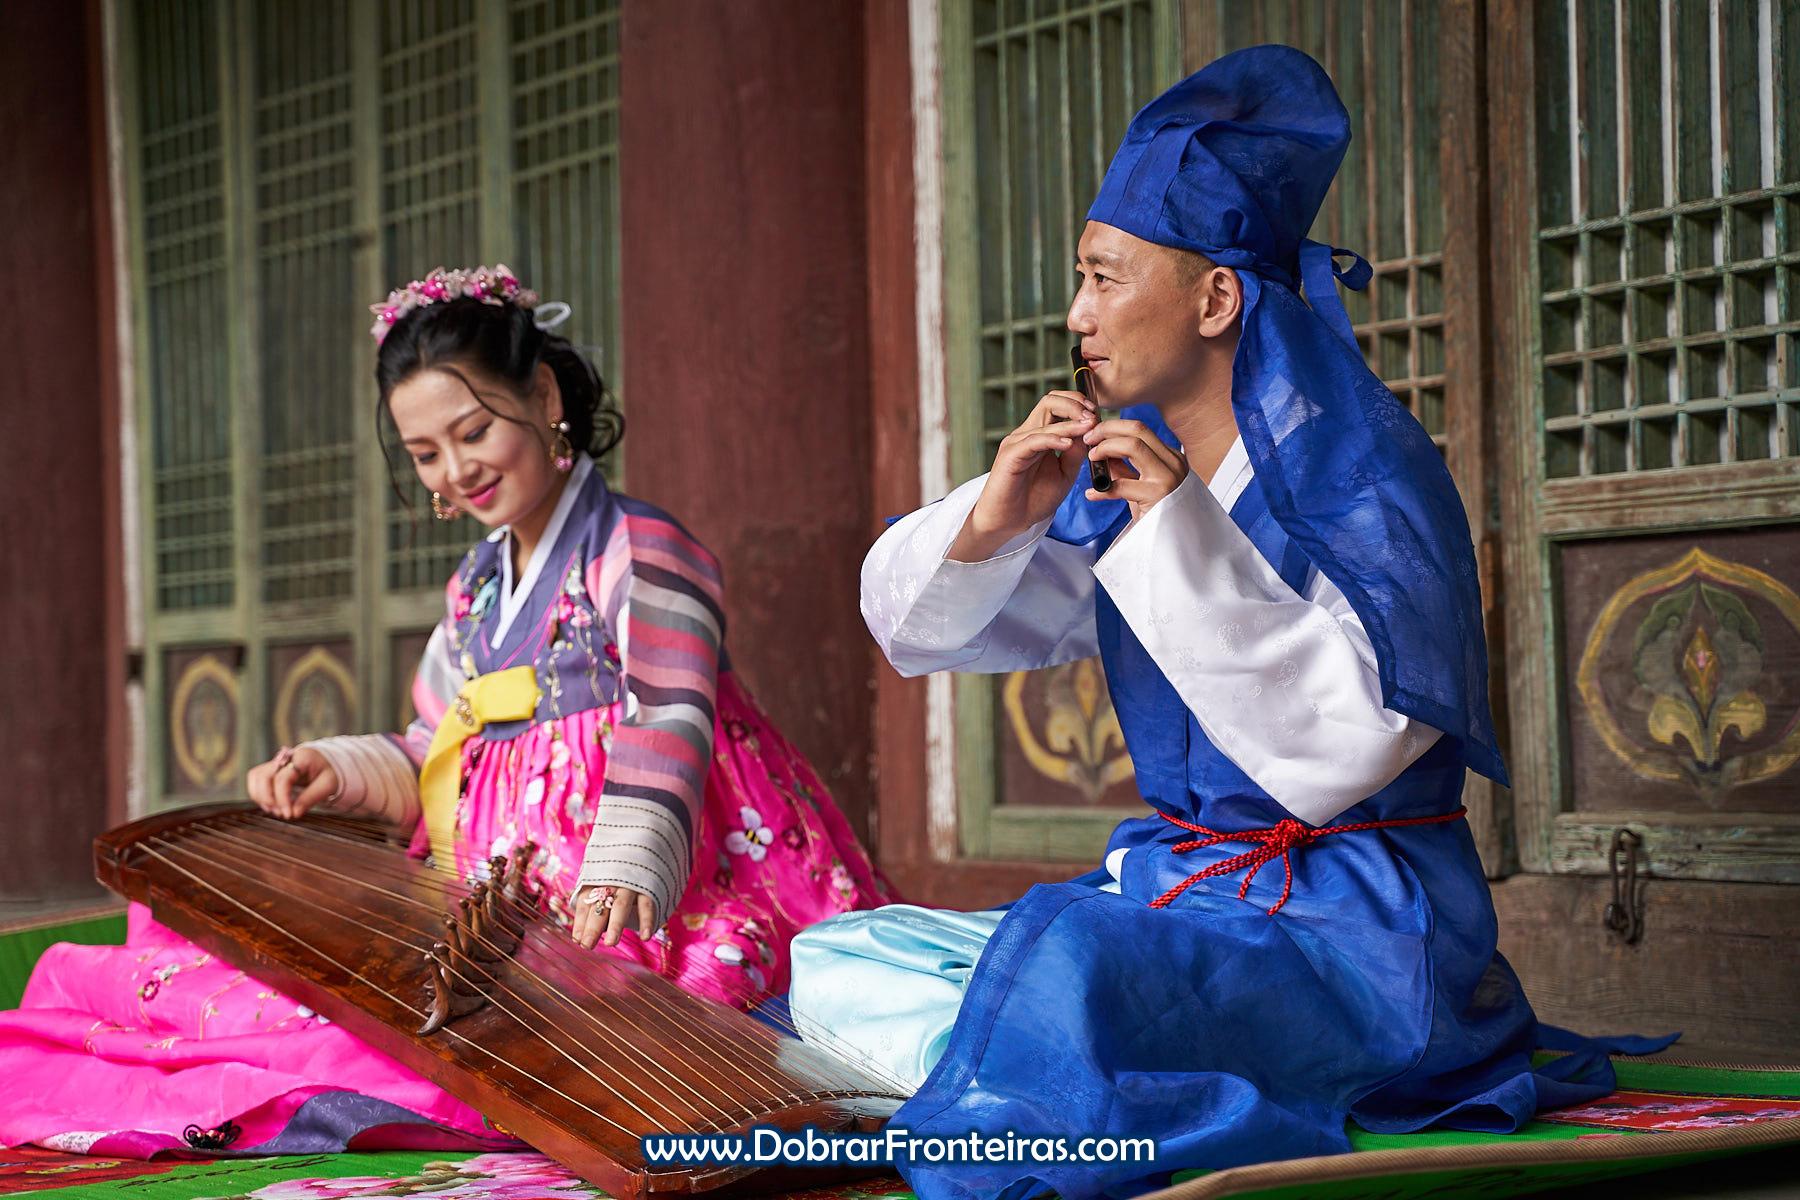 Casal de noivos com roupa tradicional da Coreia do Norte e instrumento musical